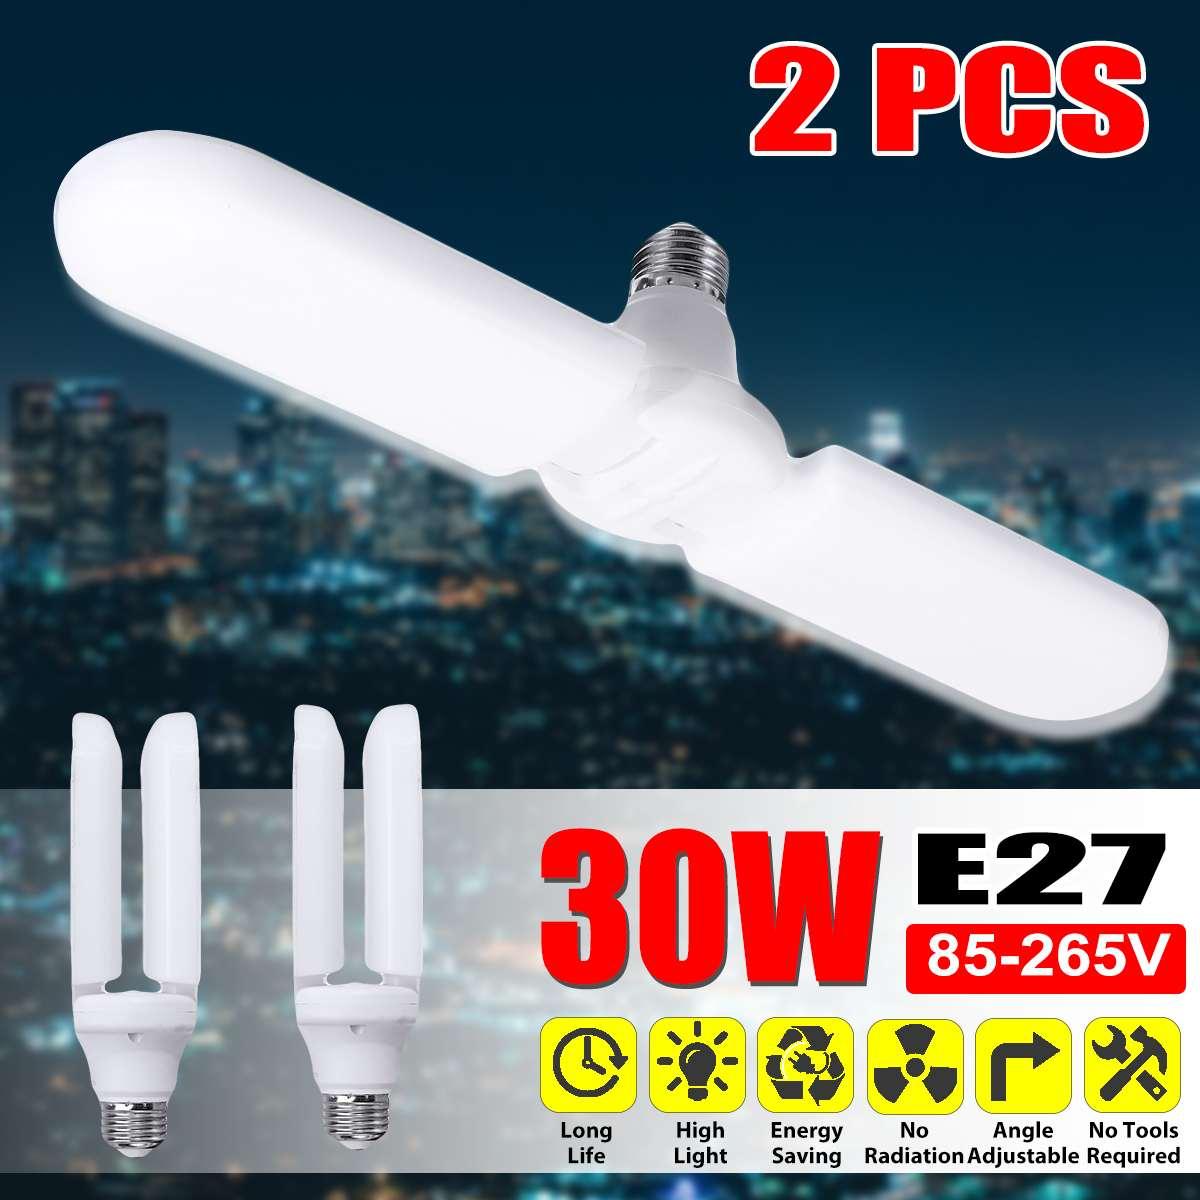 2PCS Super Bright Led Garage Light Deformable Industrial Lighting E27 30w 85-265v 2835 Workshop Ceiling Lights